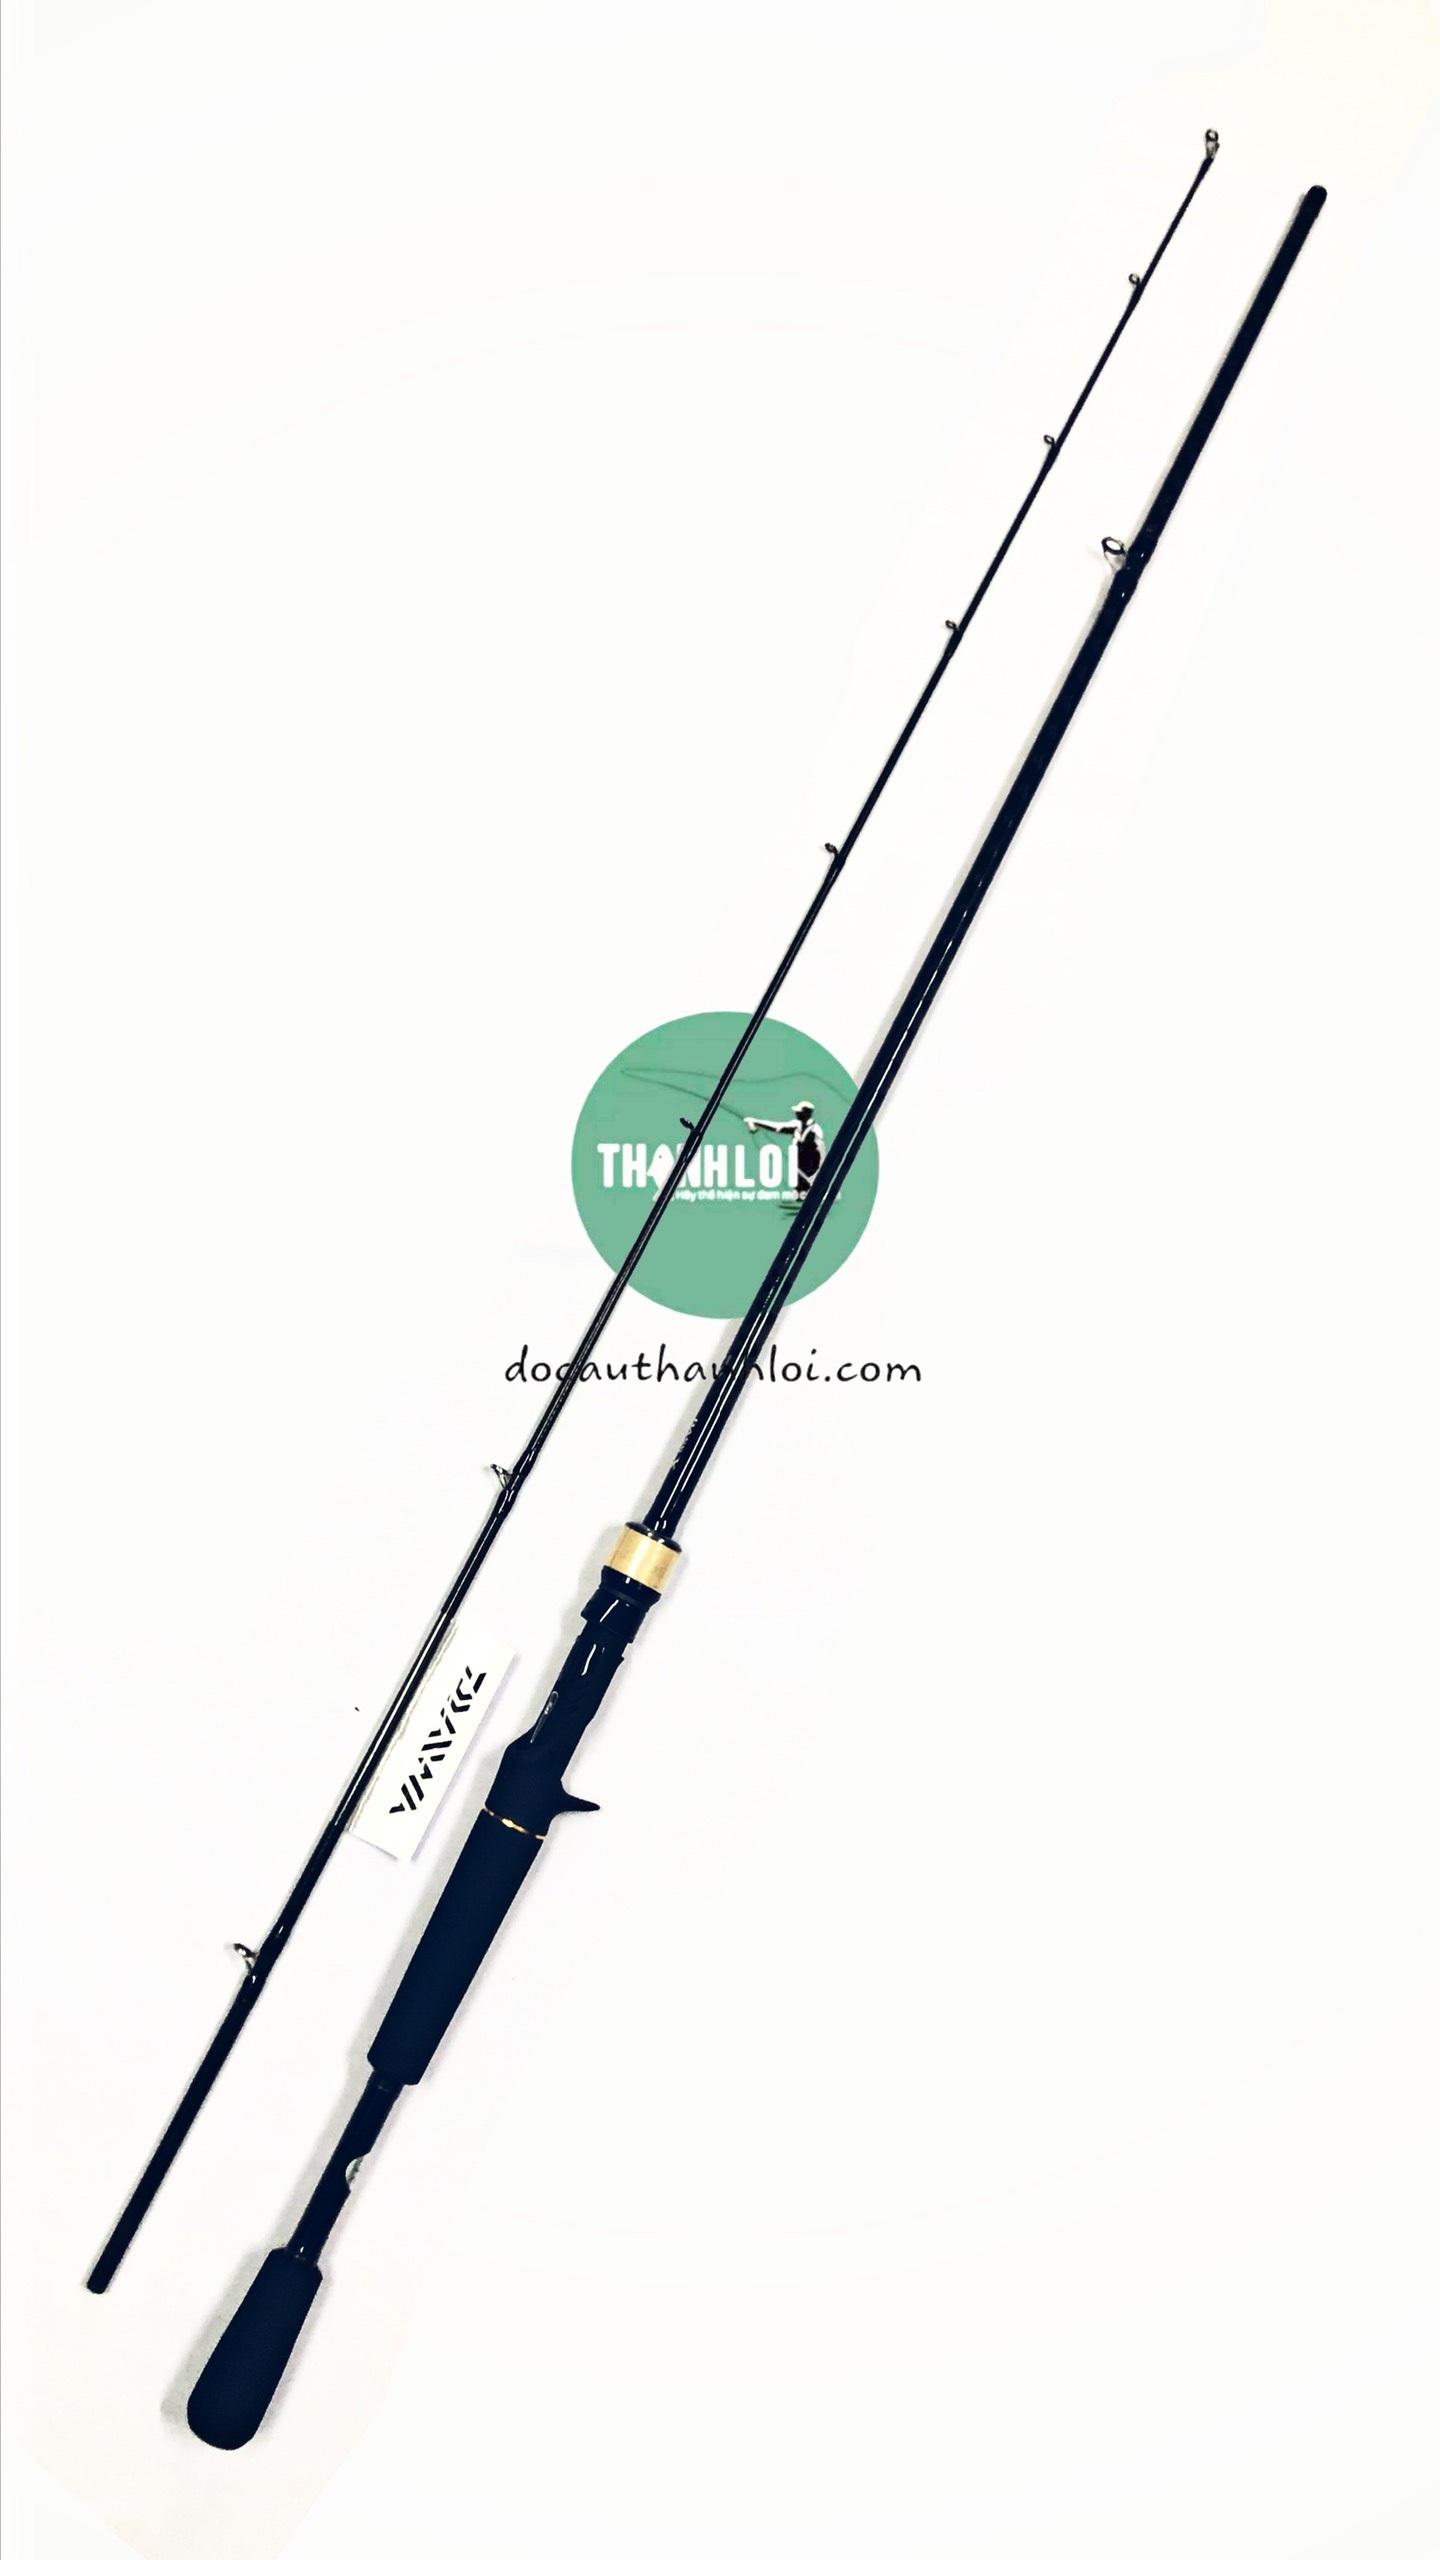 CẦN DAIWA BASS X 672MHB  (MÁY NGANG)